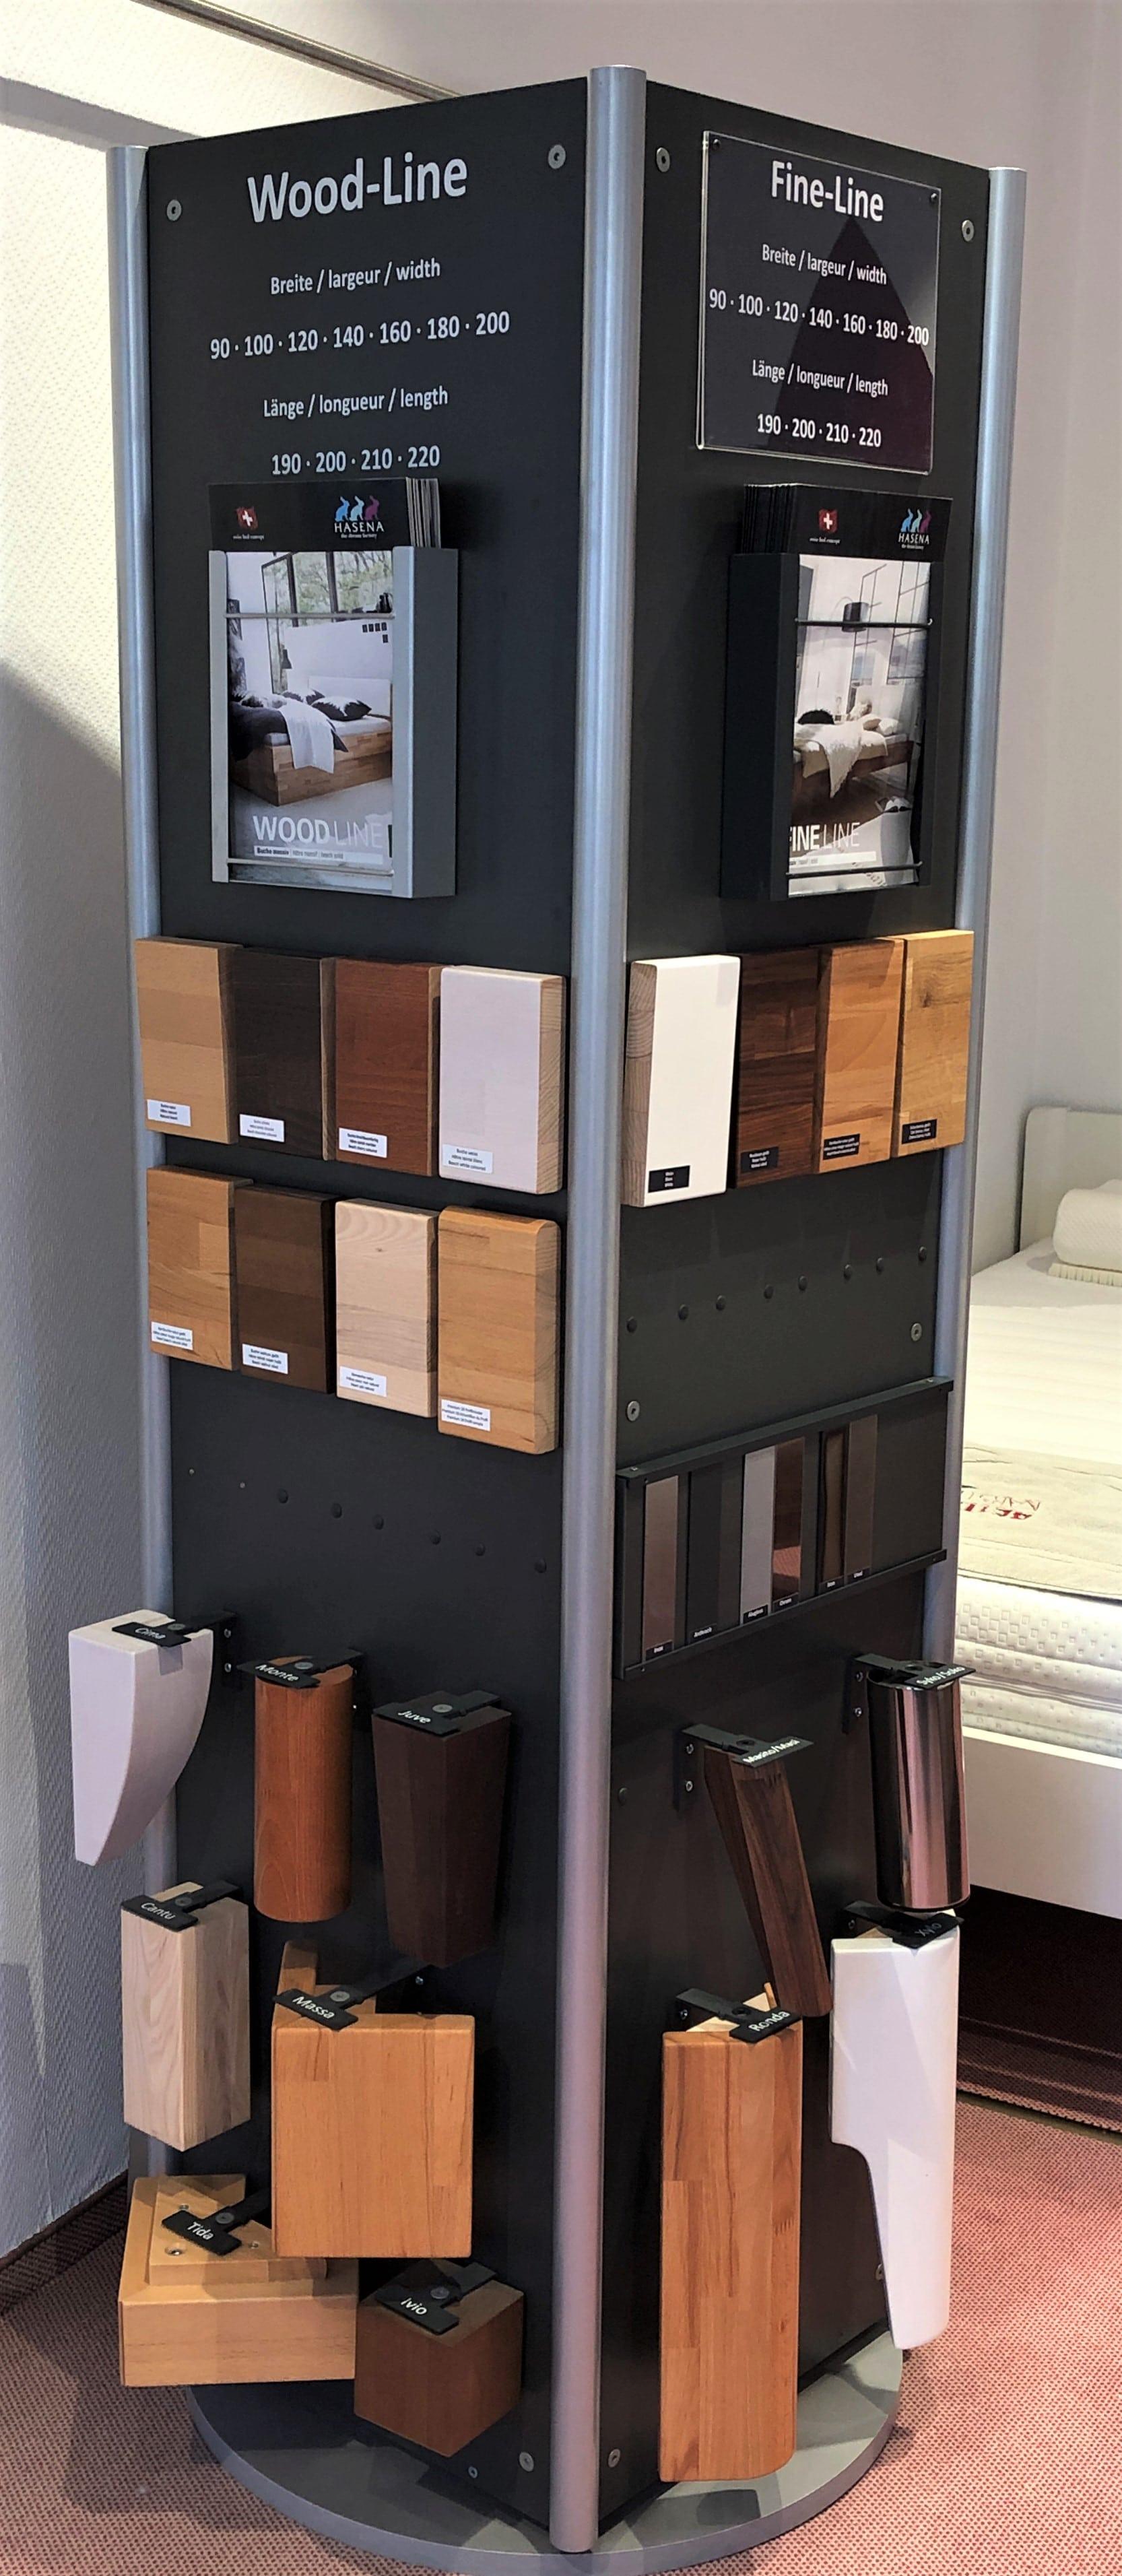 Viele verschiedene Holzarten- und Farbsamples zum konfigurieren des Bettgestells